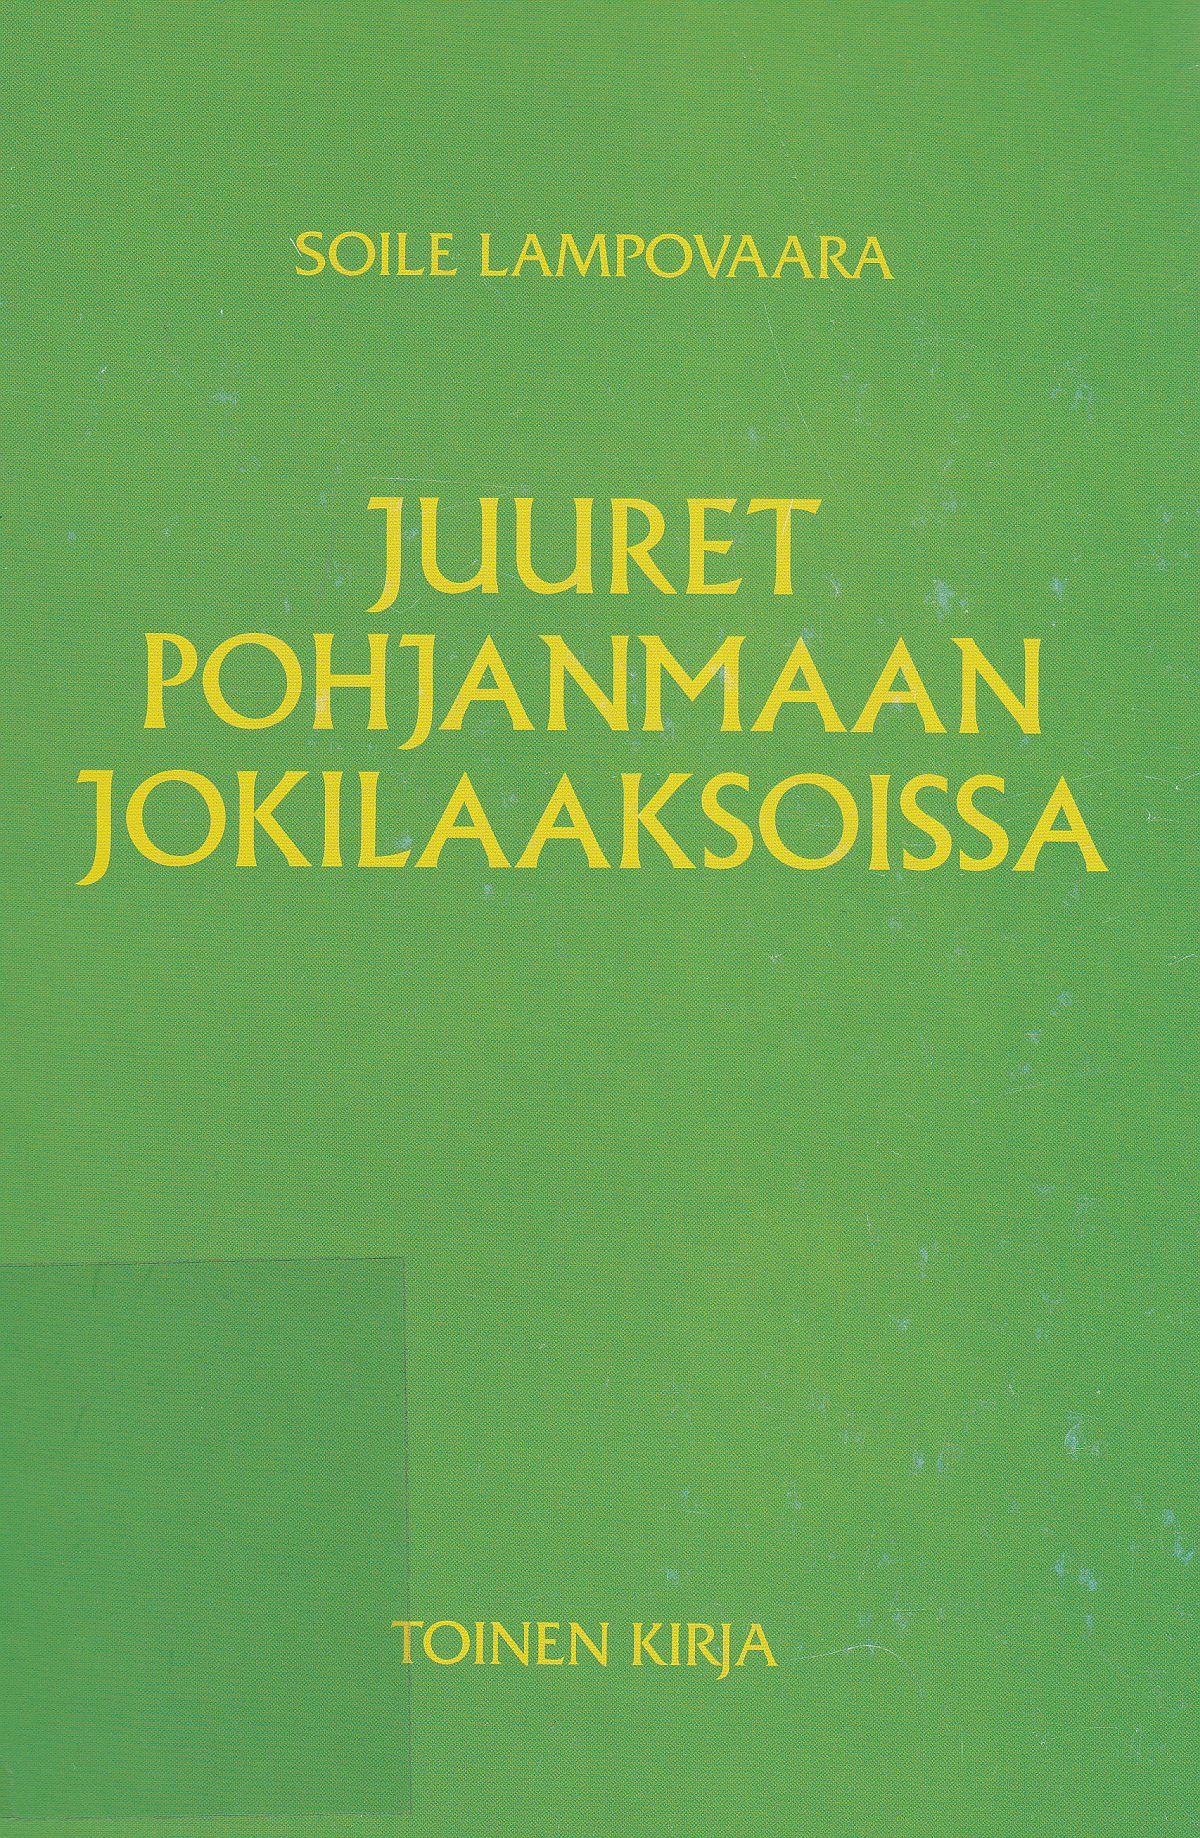 Soile Lampovaaran Juuret Pohjanmaan jokilaaksoissa, 2 kirja kansikuva